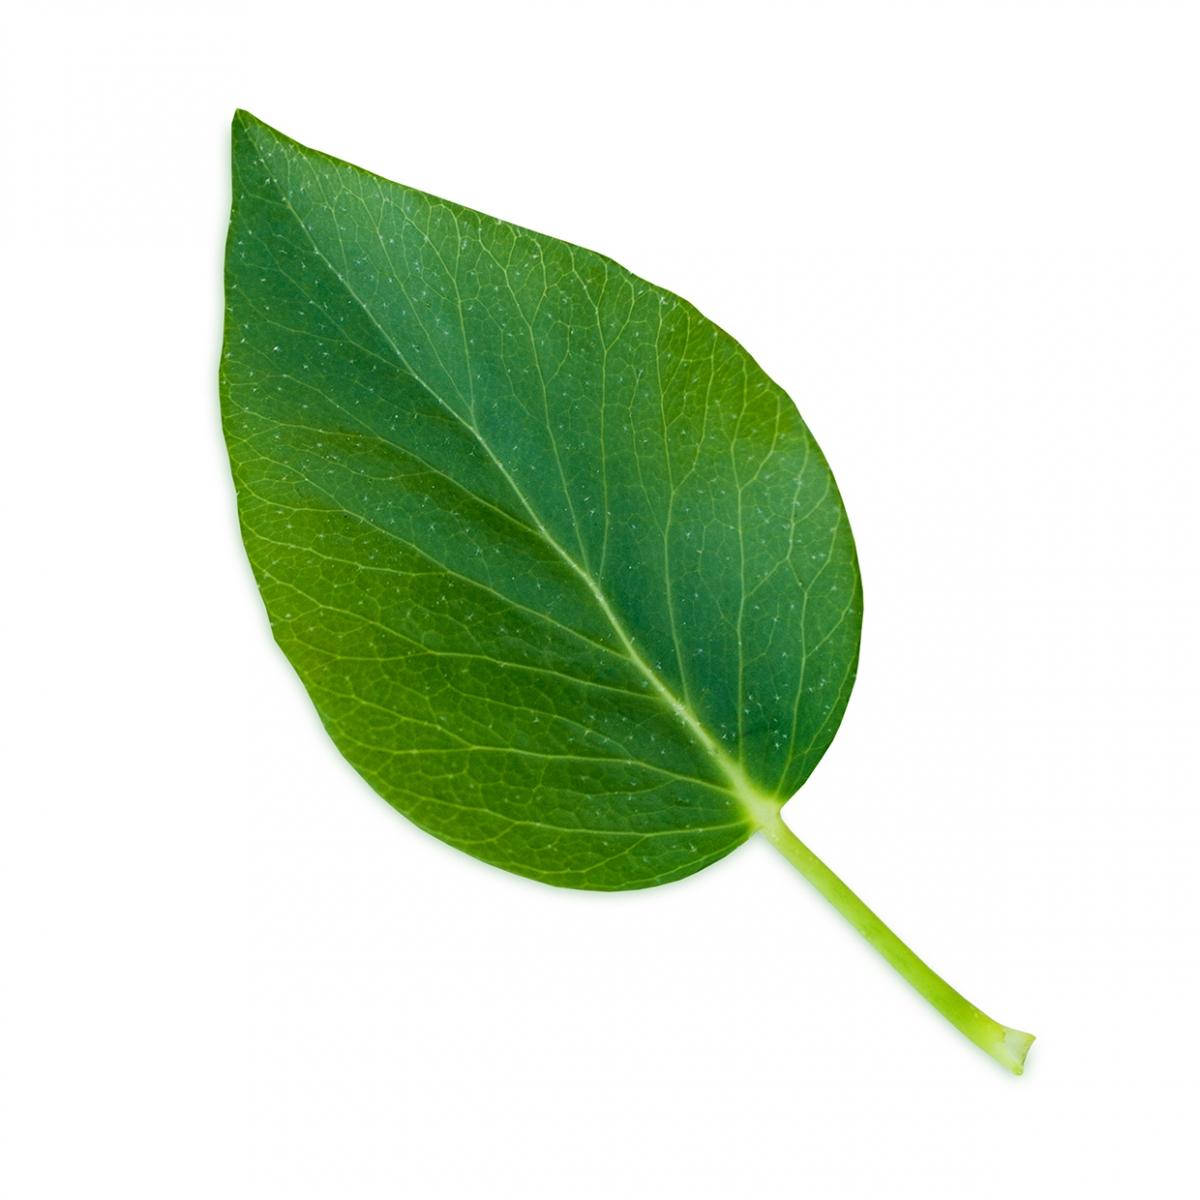 Imagen en la que se ve una hoja verde